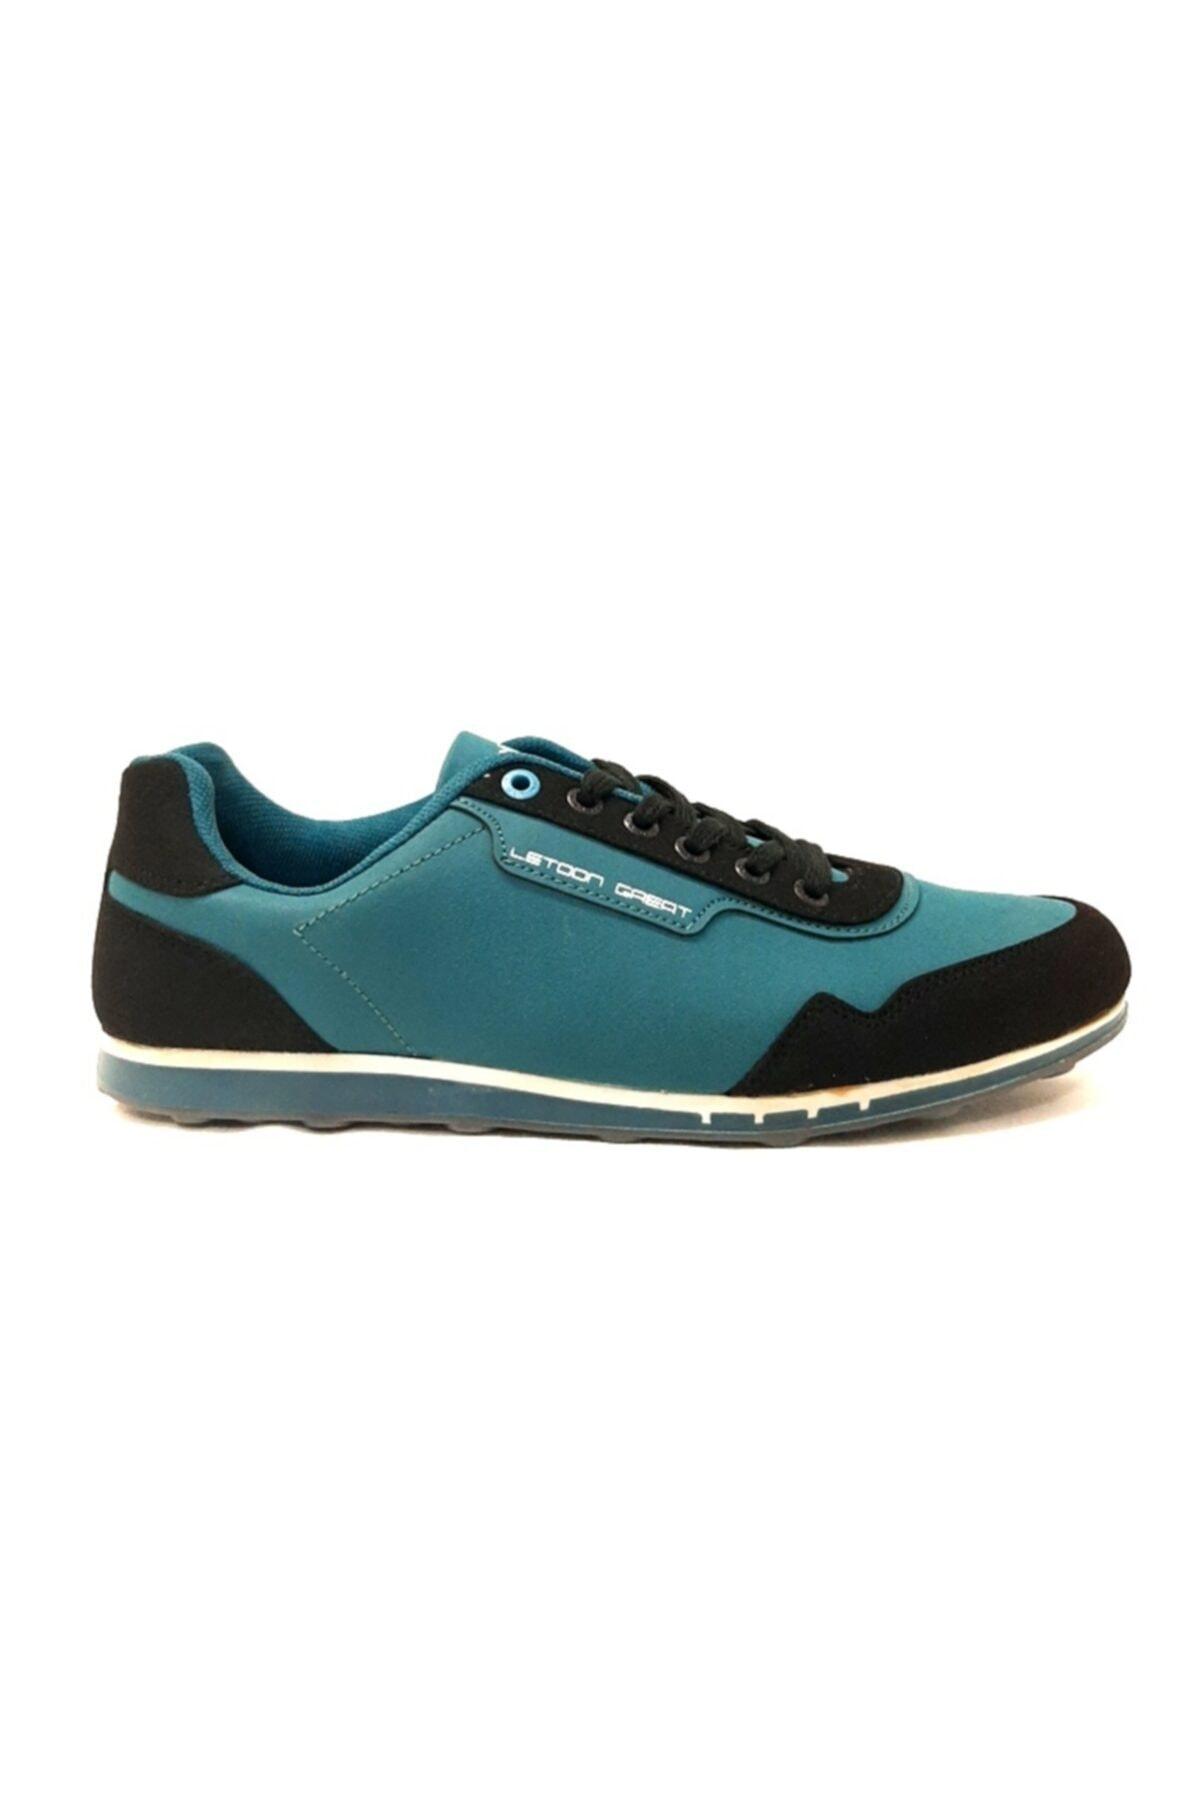 LETOON Comfort Nubuk Erkek Spor Ayakkabı 1